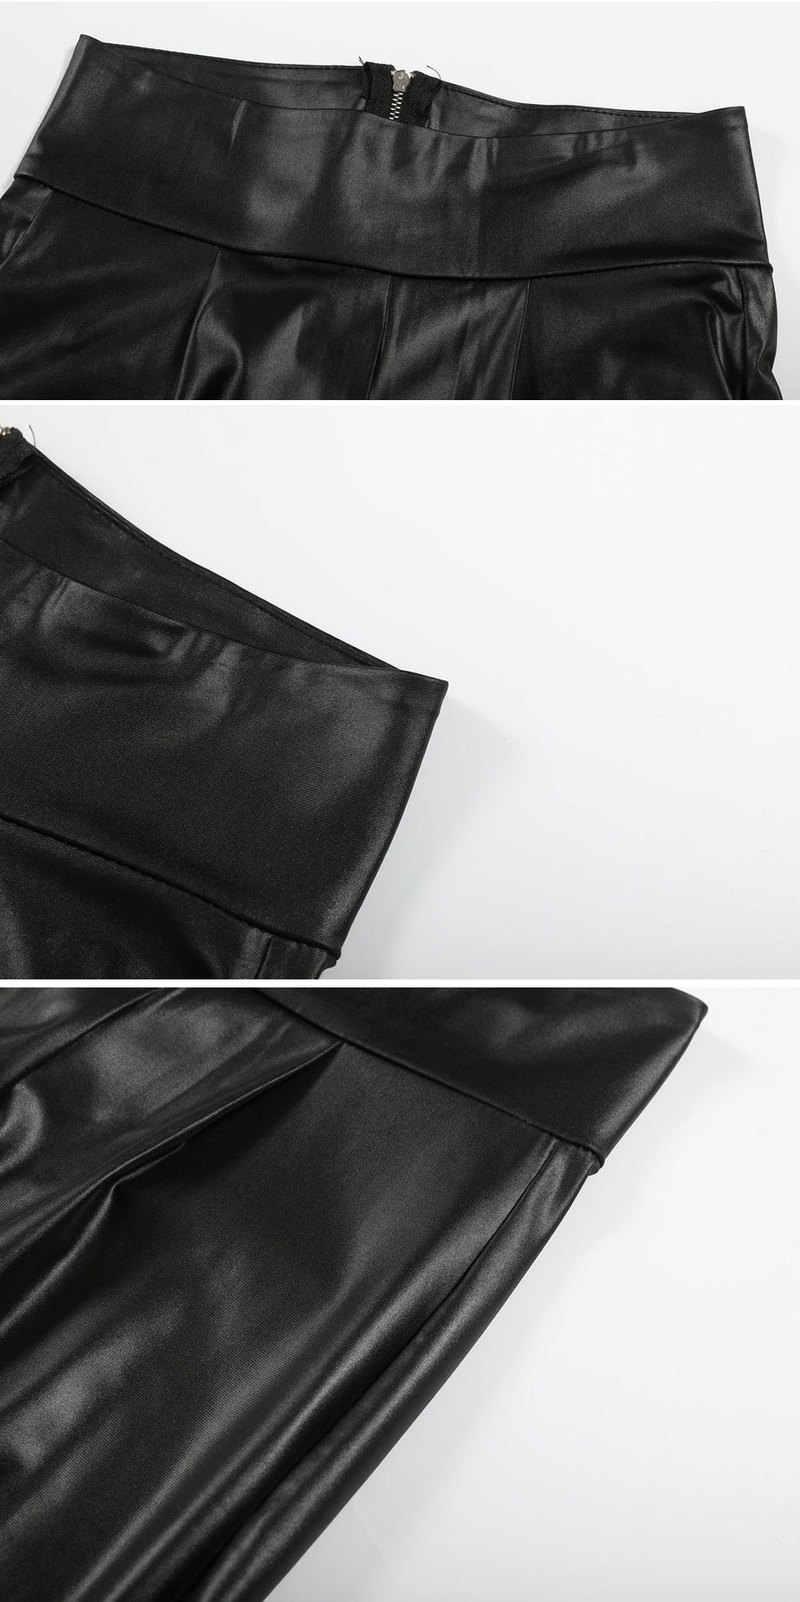 2018 ฤดูใบไม้ร่วงกลับซิปหนัง Faux Slim กางเกงผู้หญิงกางเกงหนังเซ็กซี่ดินสอสีดำสูงเอว PU กางเกง